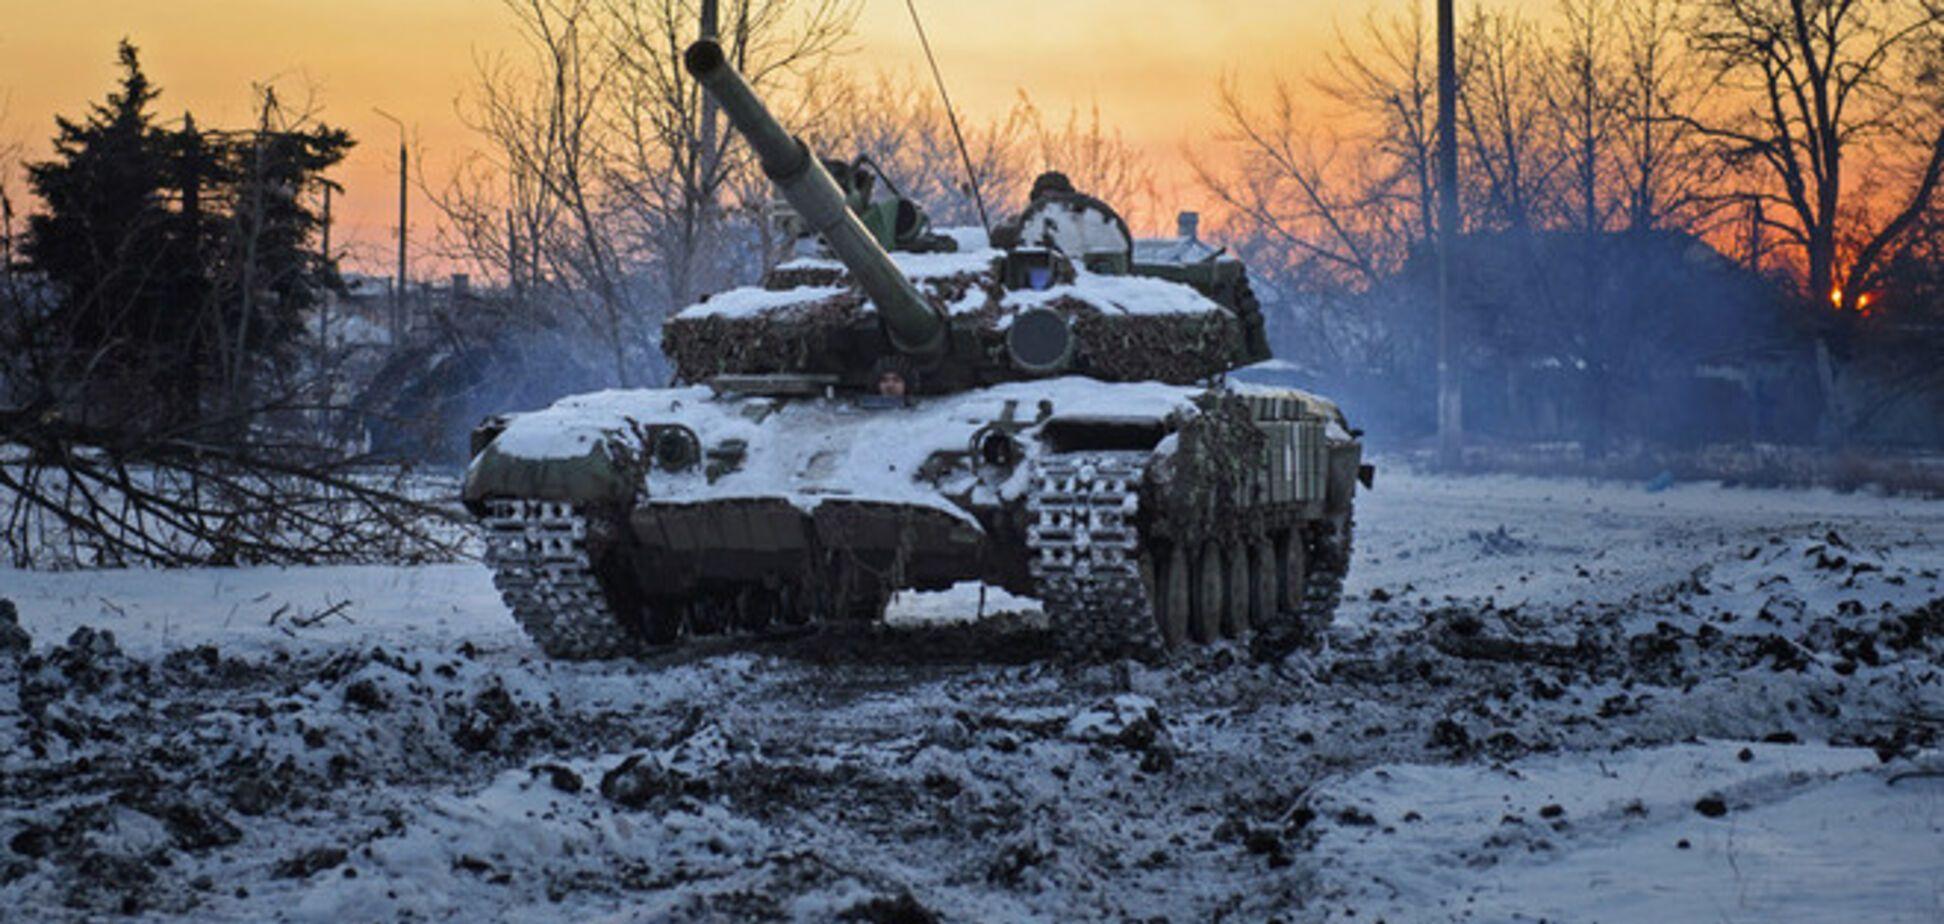 Танки сил АТО выгнали террористов из Красного Партизана - 'Азов'